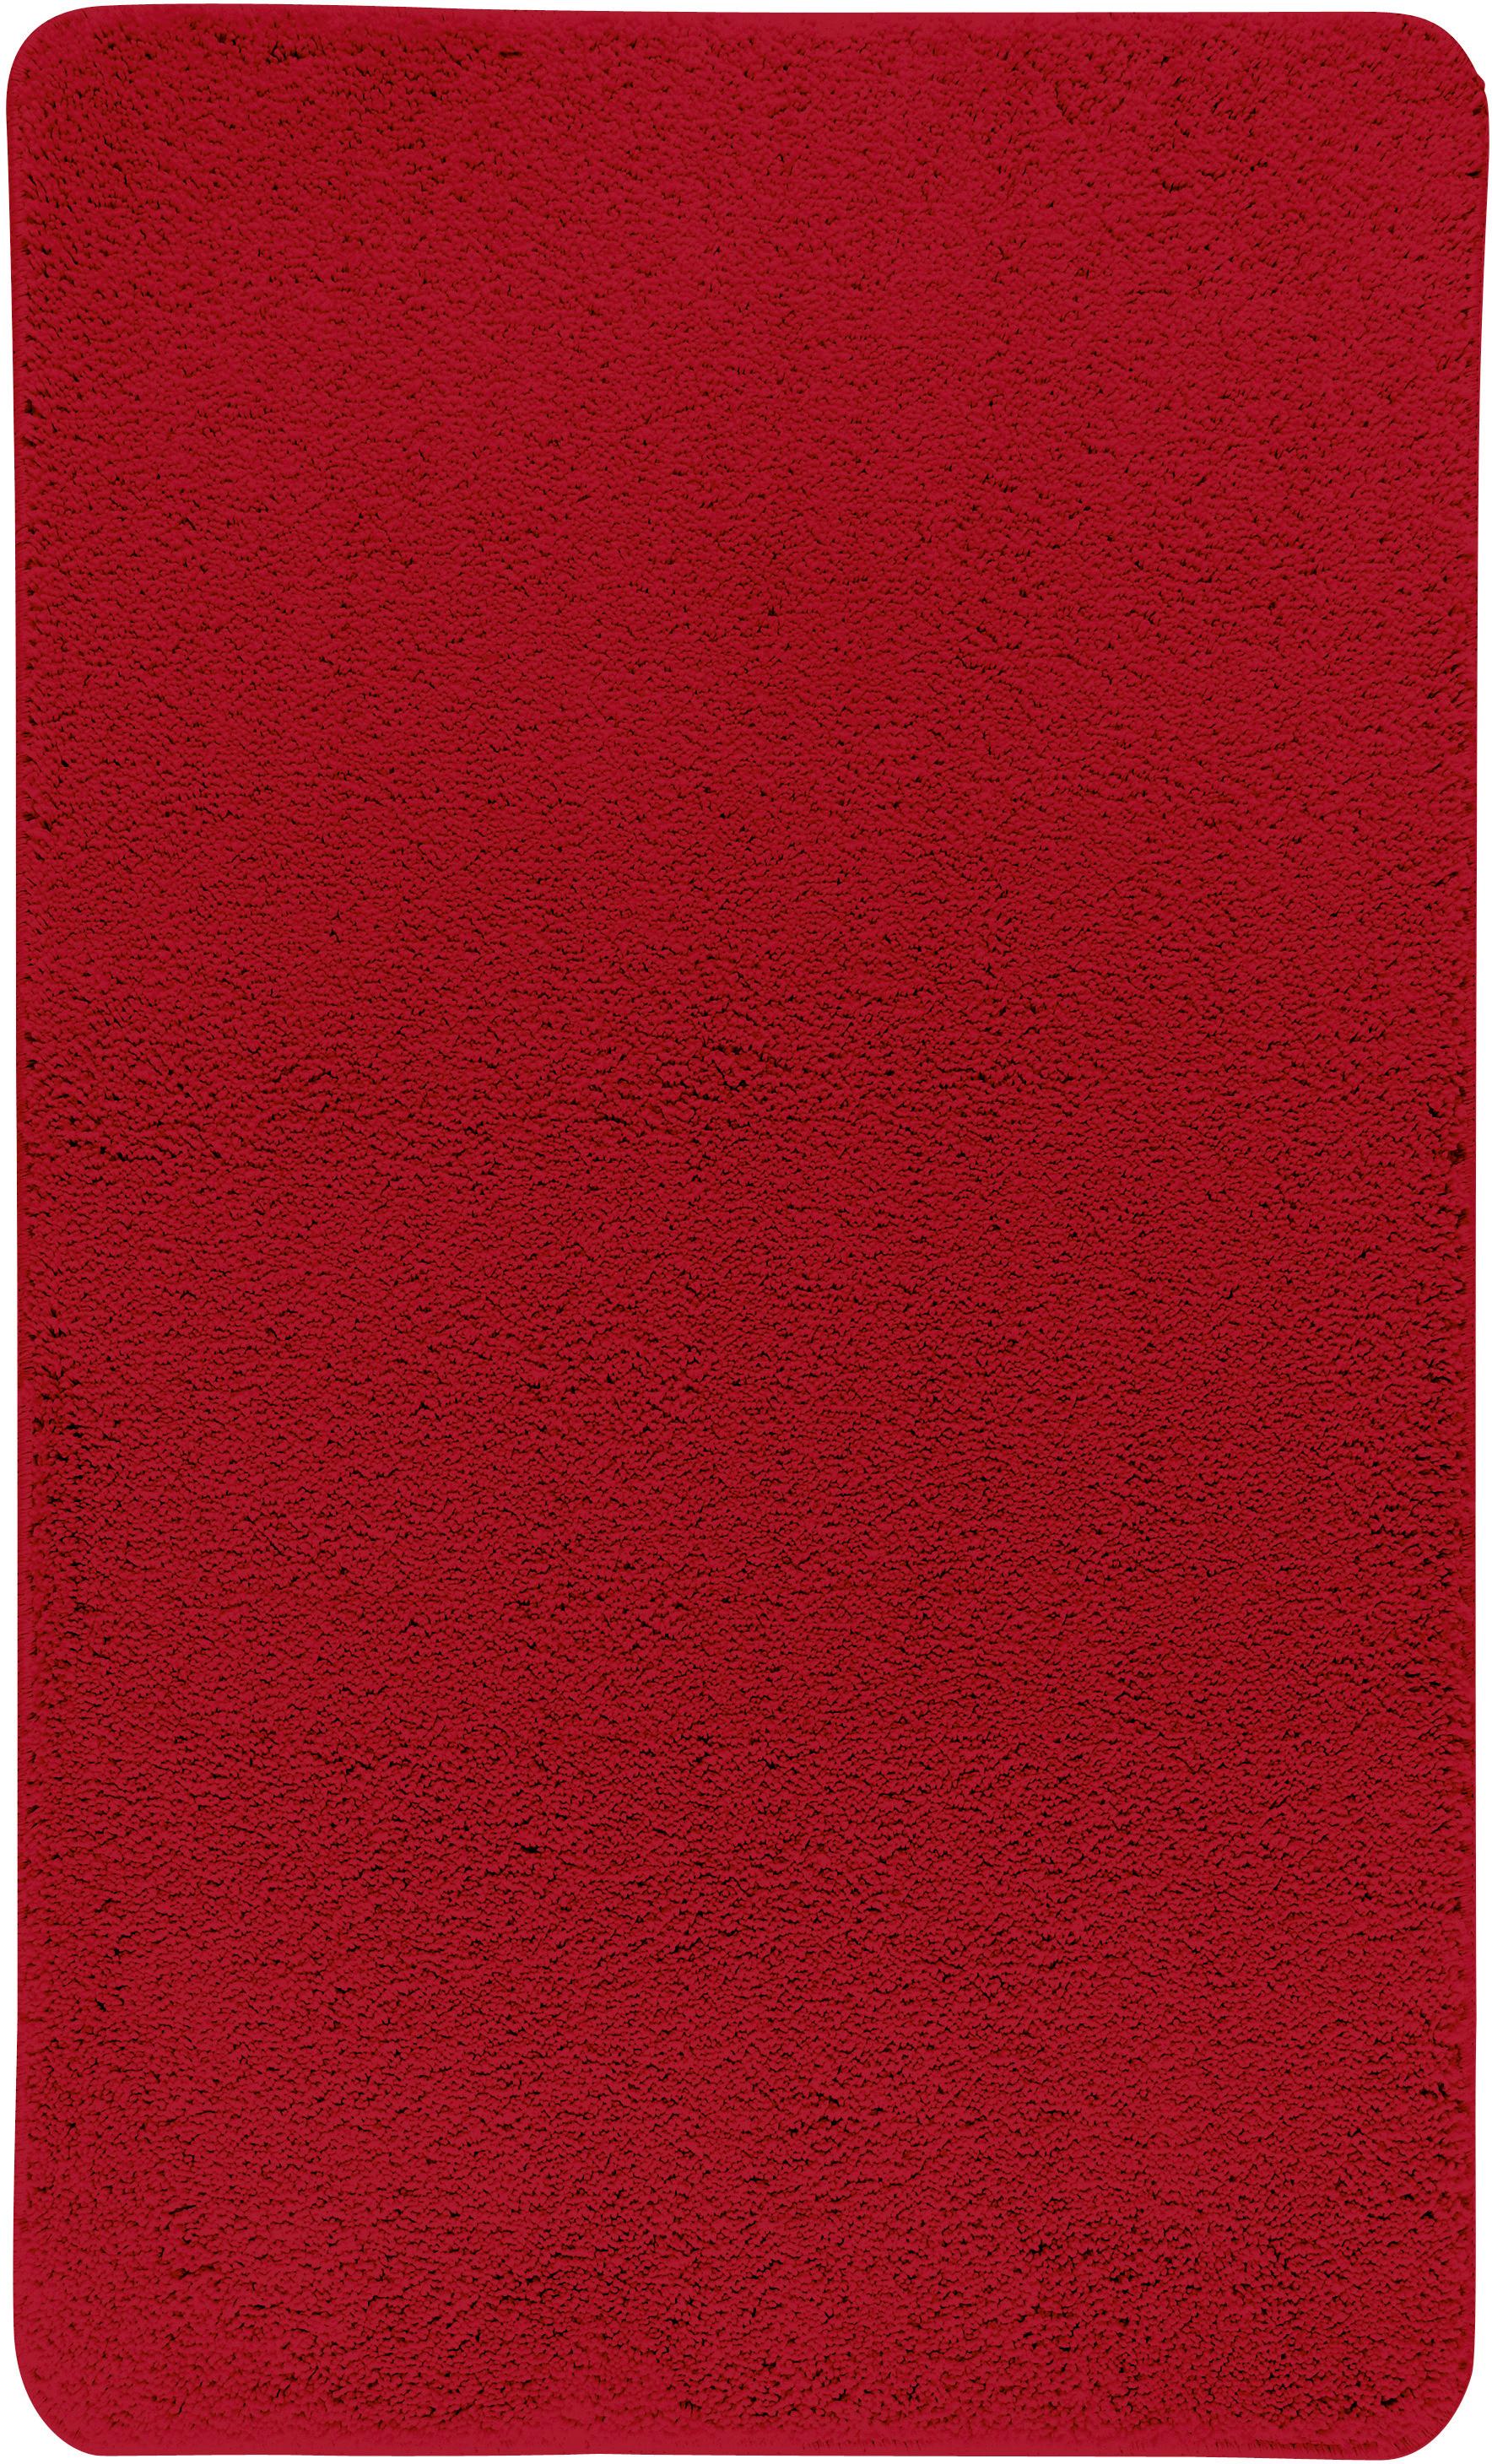 Коврик для ванной Axentia, прямоугольный, цвет: красный, 60 х 100 см116080Коврик для ванной комнаты из микрофибры, прямоугольный, большой 60х100 см. Высота ворса 1,5 см, стеганный. Противоскользящее основание изготовлено из термопластичной резины и подходит для полов с подогревом. Коврик мягкий и приятный на ощупь, отлично впитывает влагу и быстро сохнет. Можно стирать в стиральной машине. Высокая износостойкость коврика и стойкость цвета позволит вам наслаждаться покупкой долгие годы. Широкая гамма расцветок ковриков Axentia удовлетворит самый притязательный вкус.